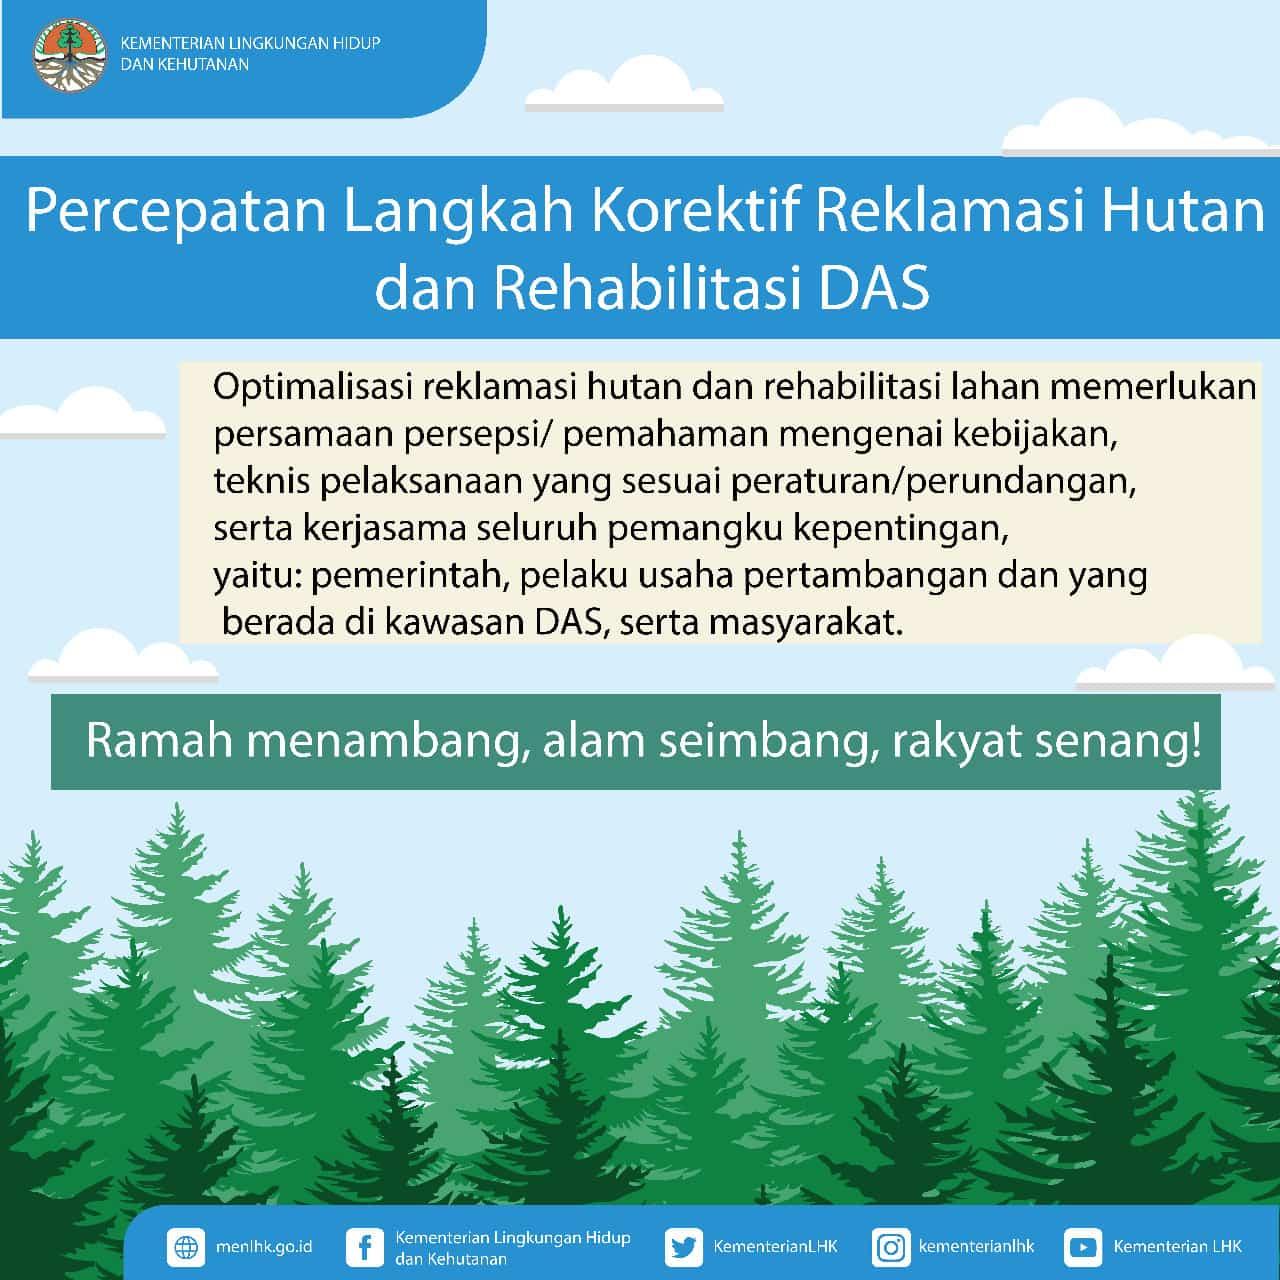 KLHK dan Kementerian ESDM Berkomitmen Percepat Upaya Reklamasi Hutan dan Rehabilitasi DAS